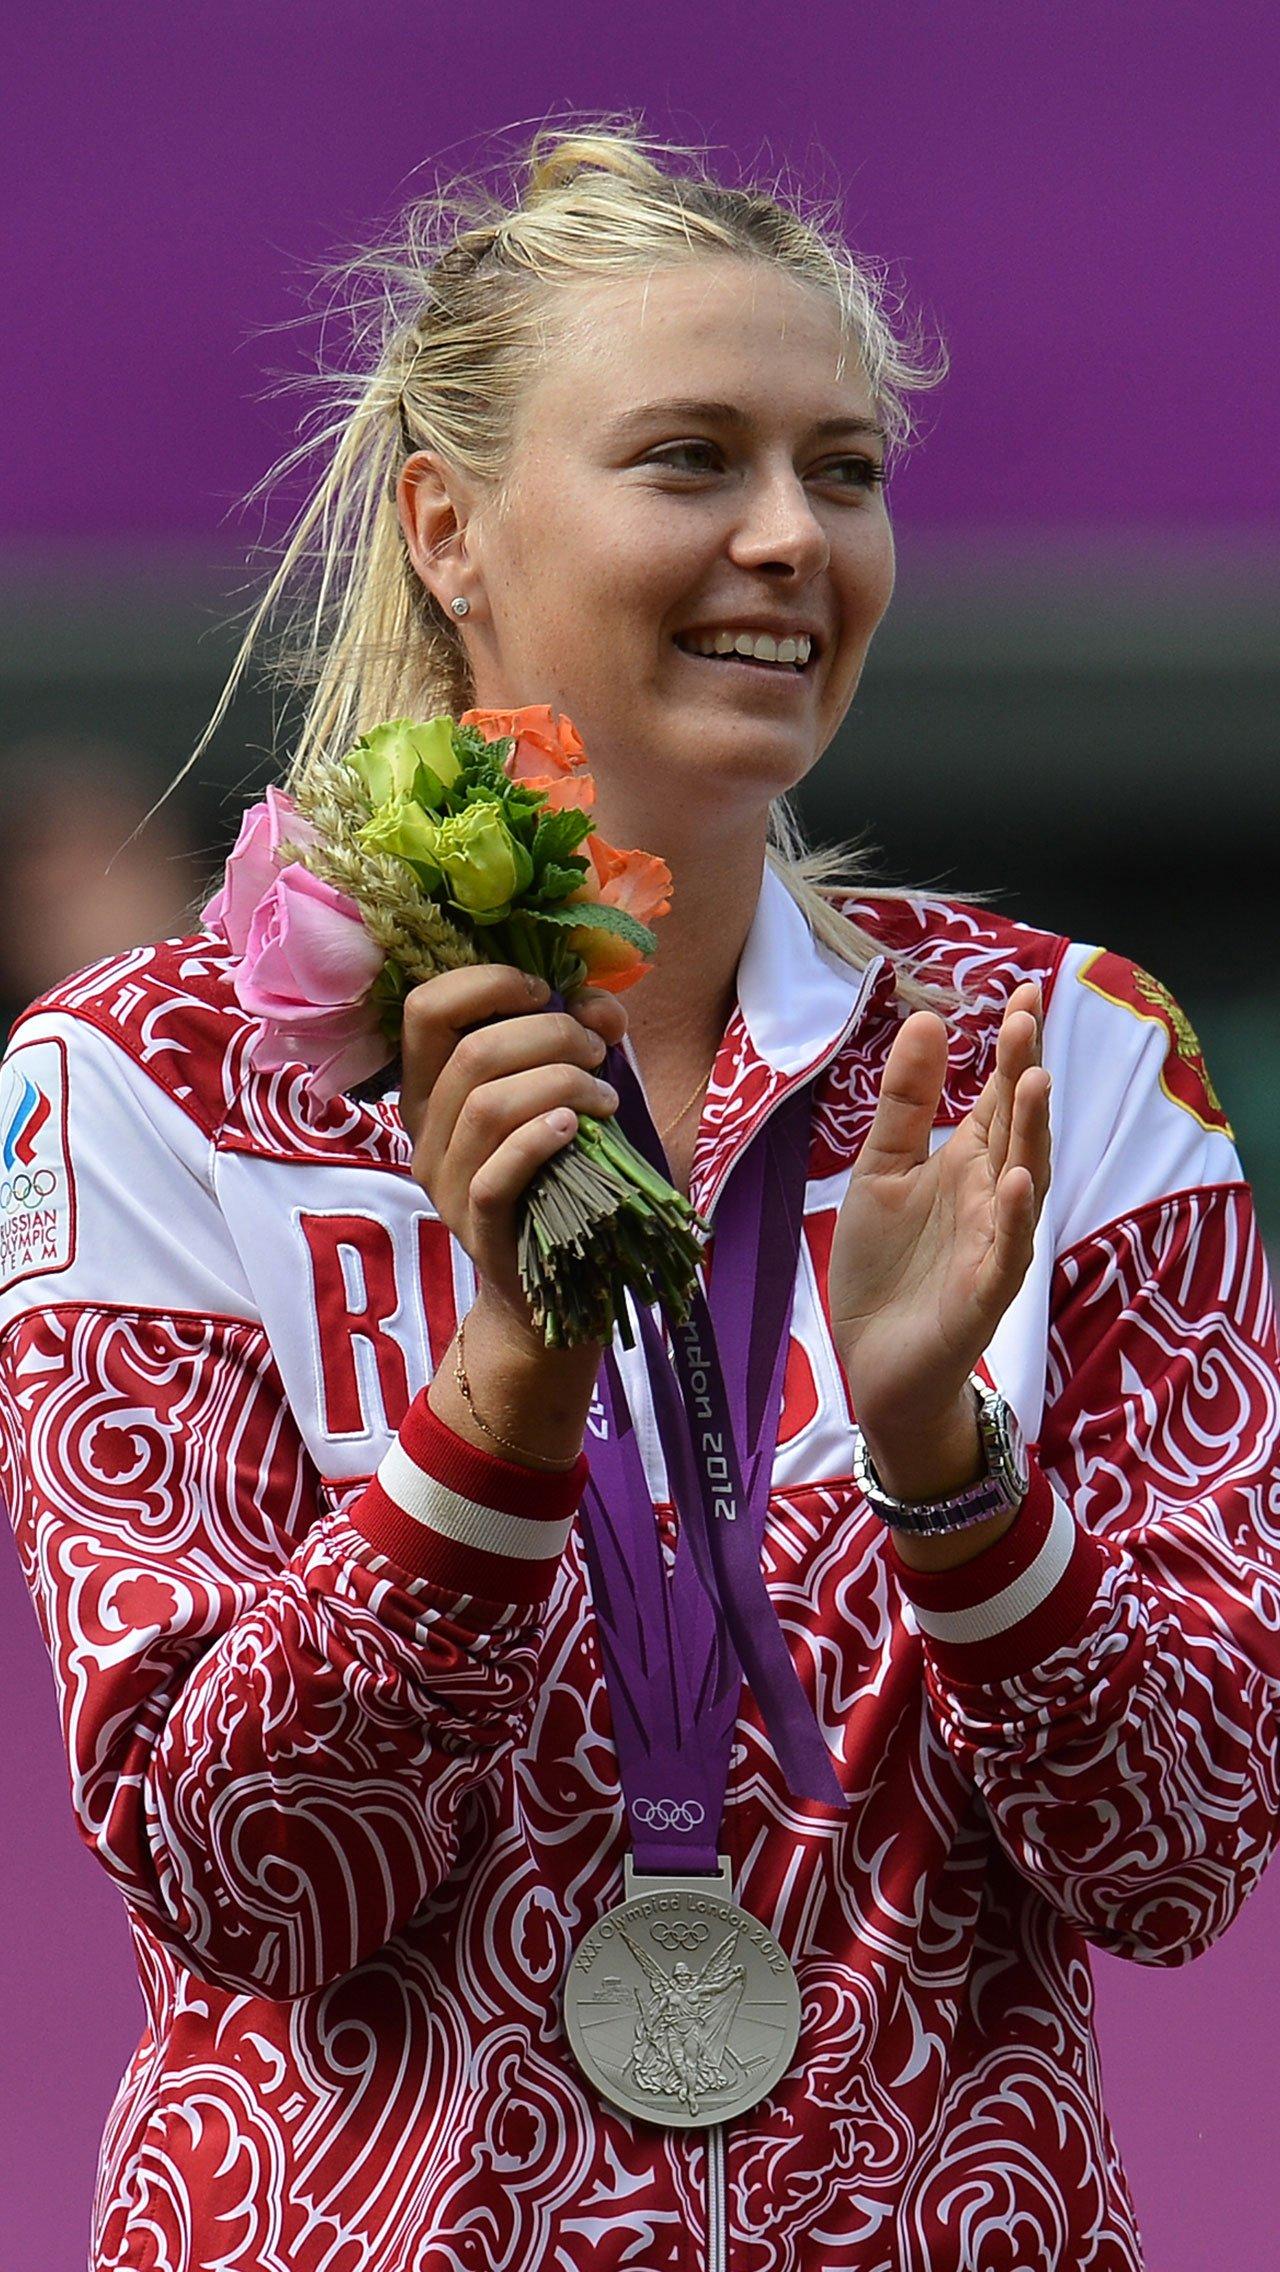 На первый взгляд ничего не изменилось. С 2012 года олимпийцы получают от государства 4 млн рублей за золото, 2,5 млн – за серебро и 1,7 млн – за бронзу. Те же суммы будут и в 2020-м.